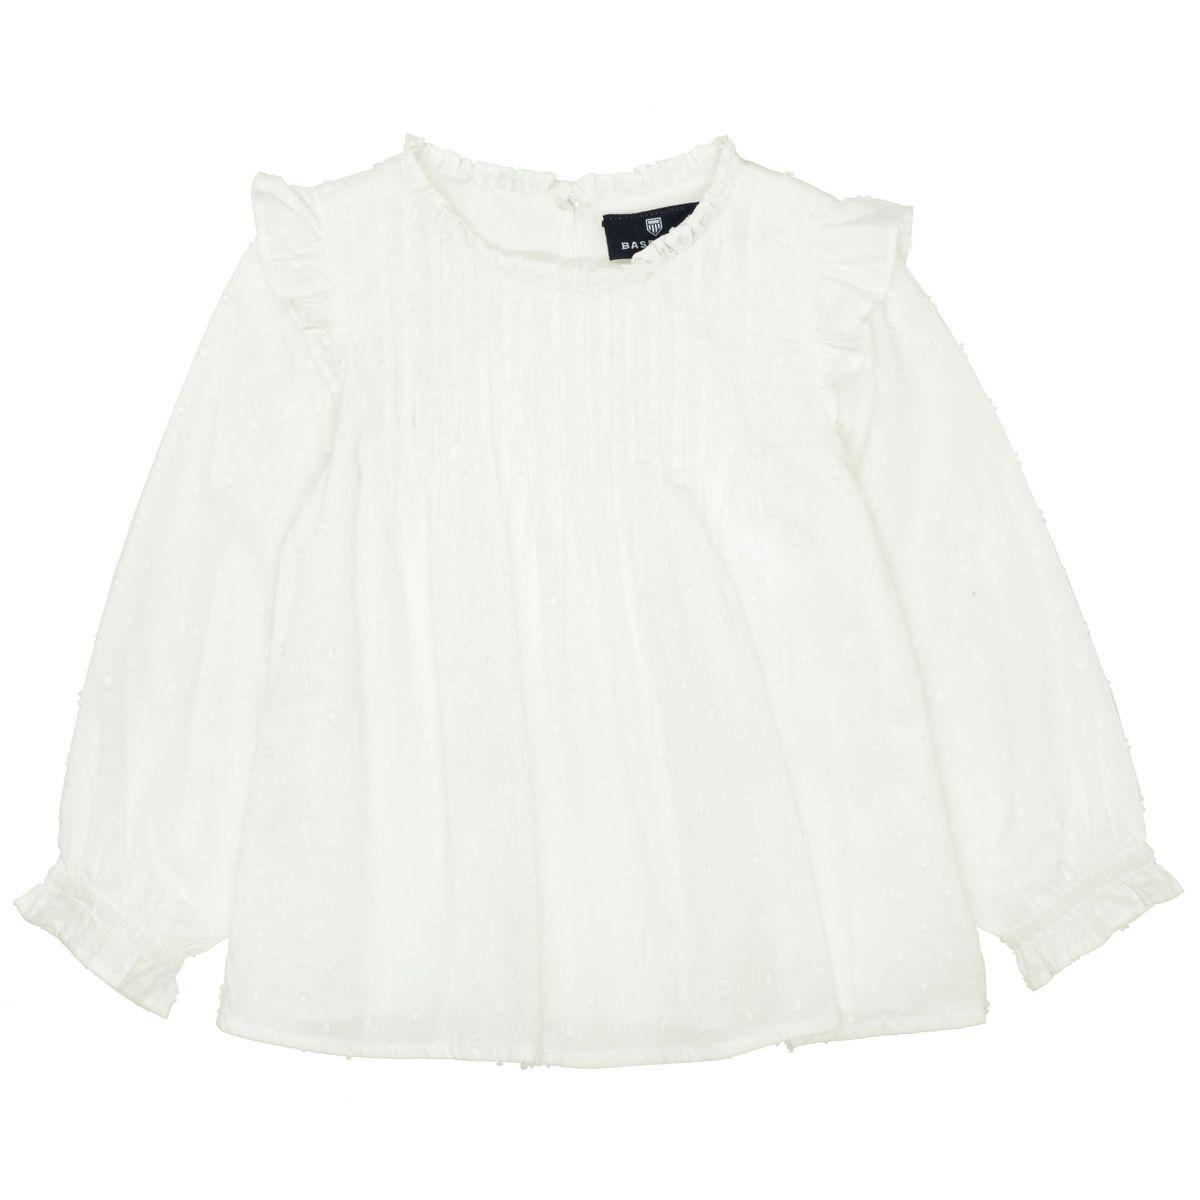 BASEFIELD Bluse mit Web-Tupfen-Allover - Offwhite